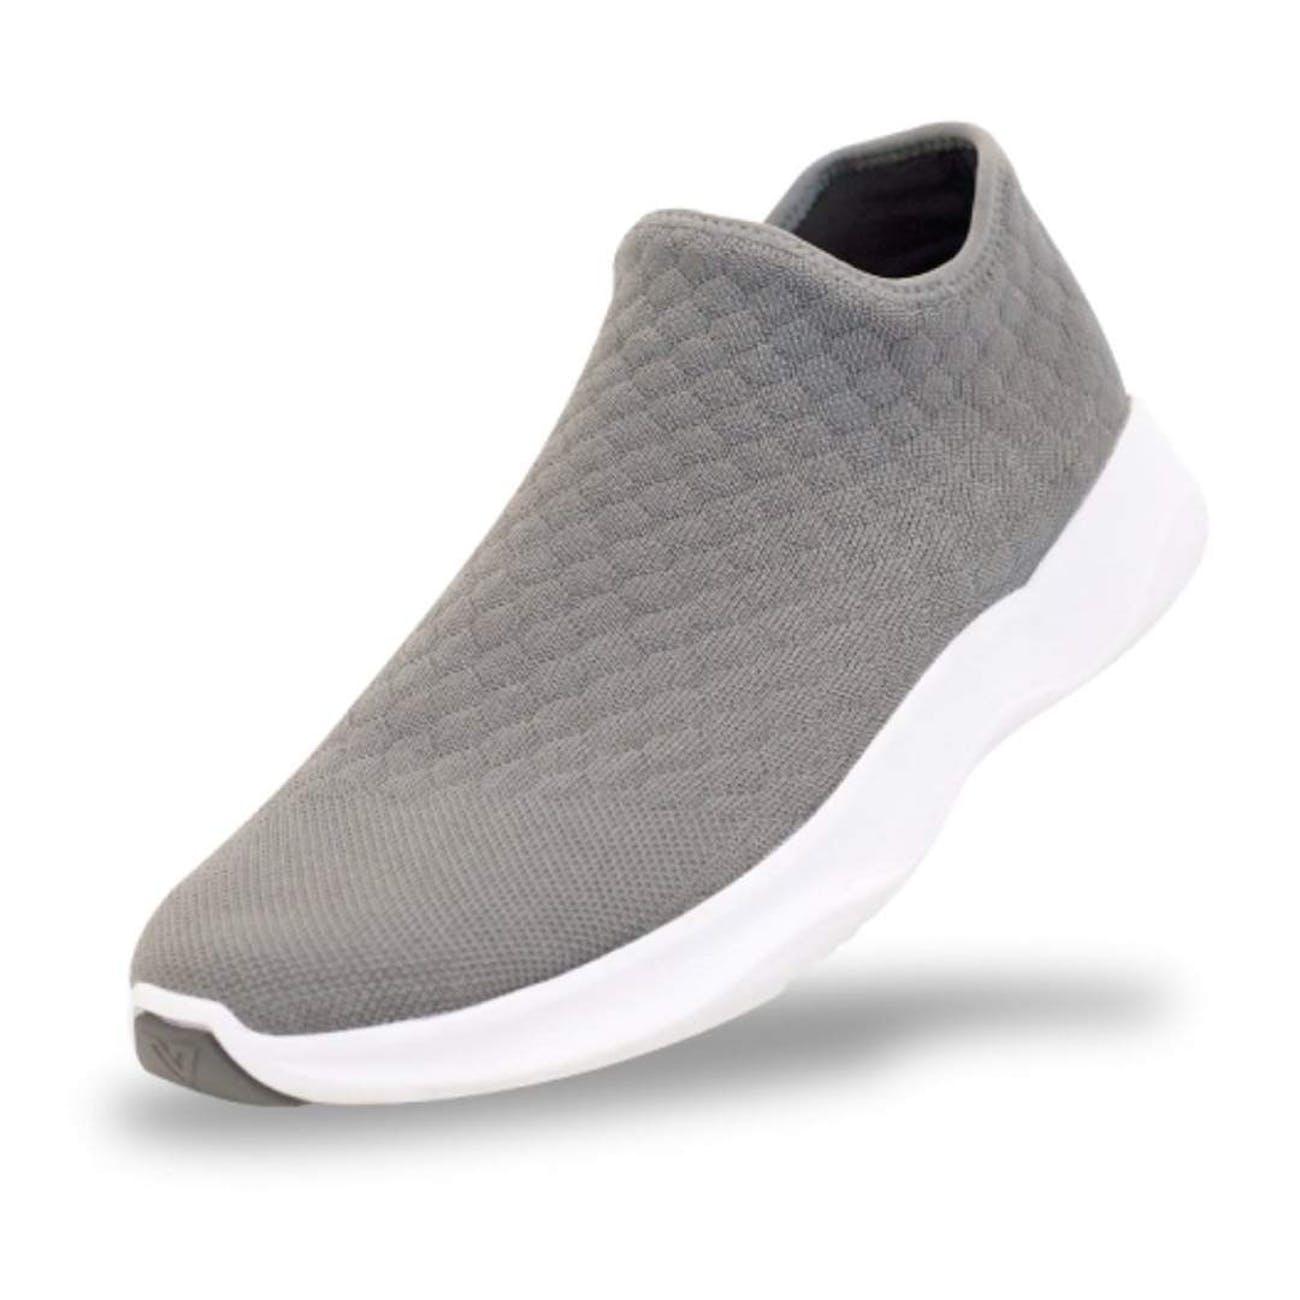 vessi waterproof footwear